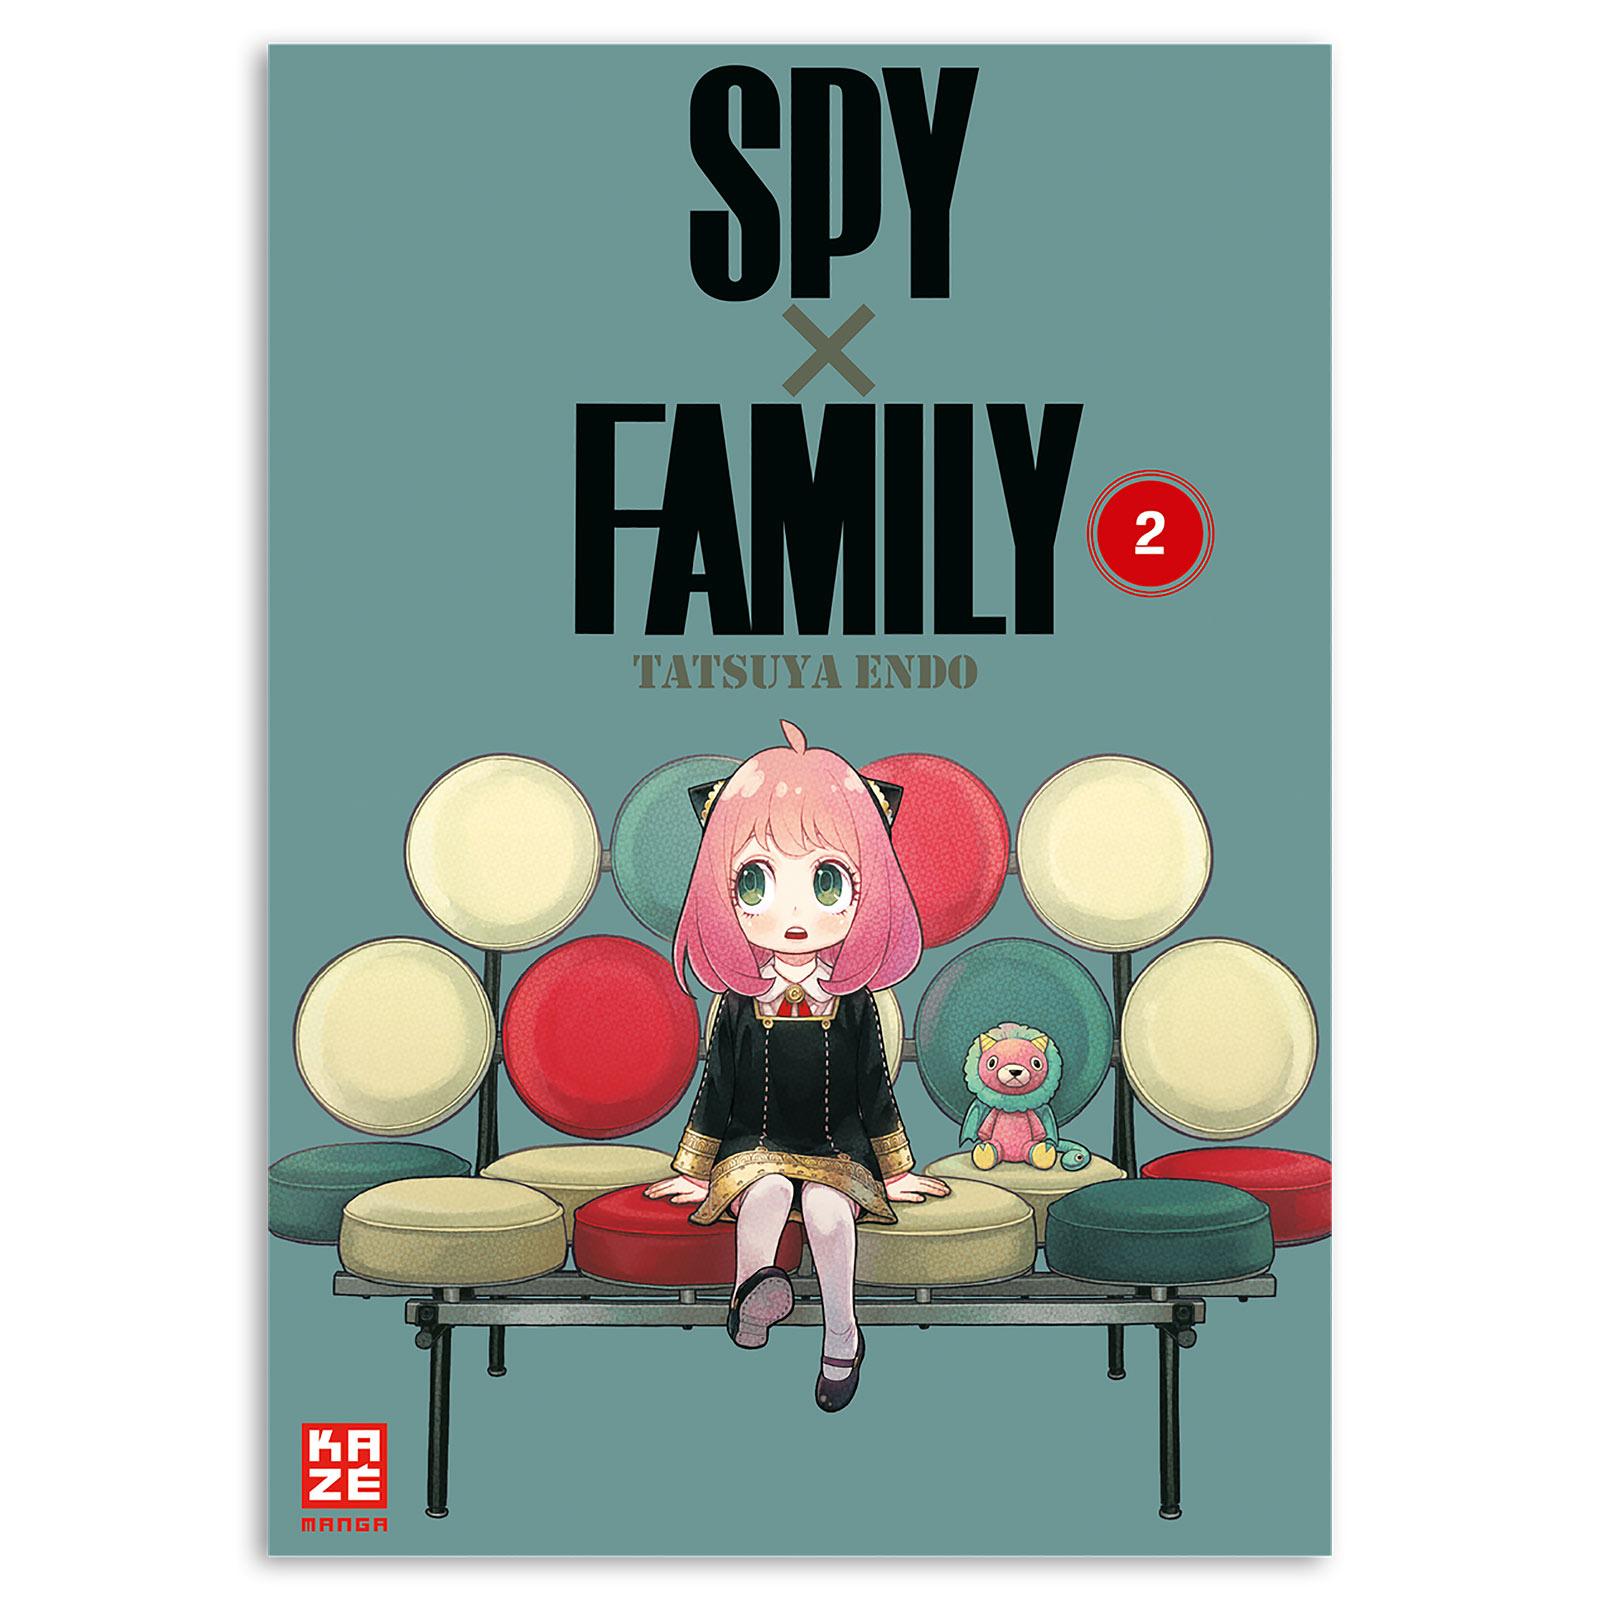 Spy x Family - Band 2 Taschenbuch